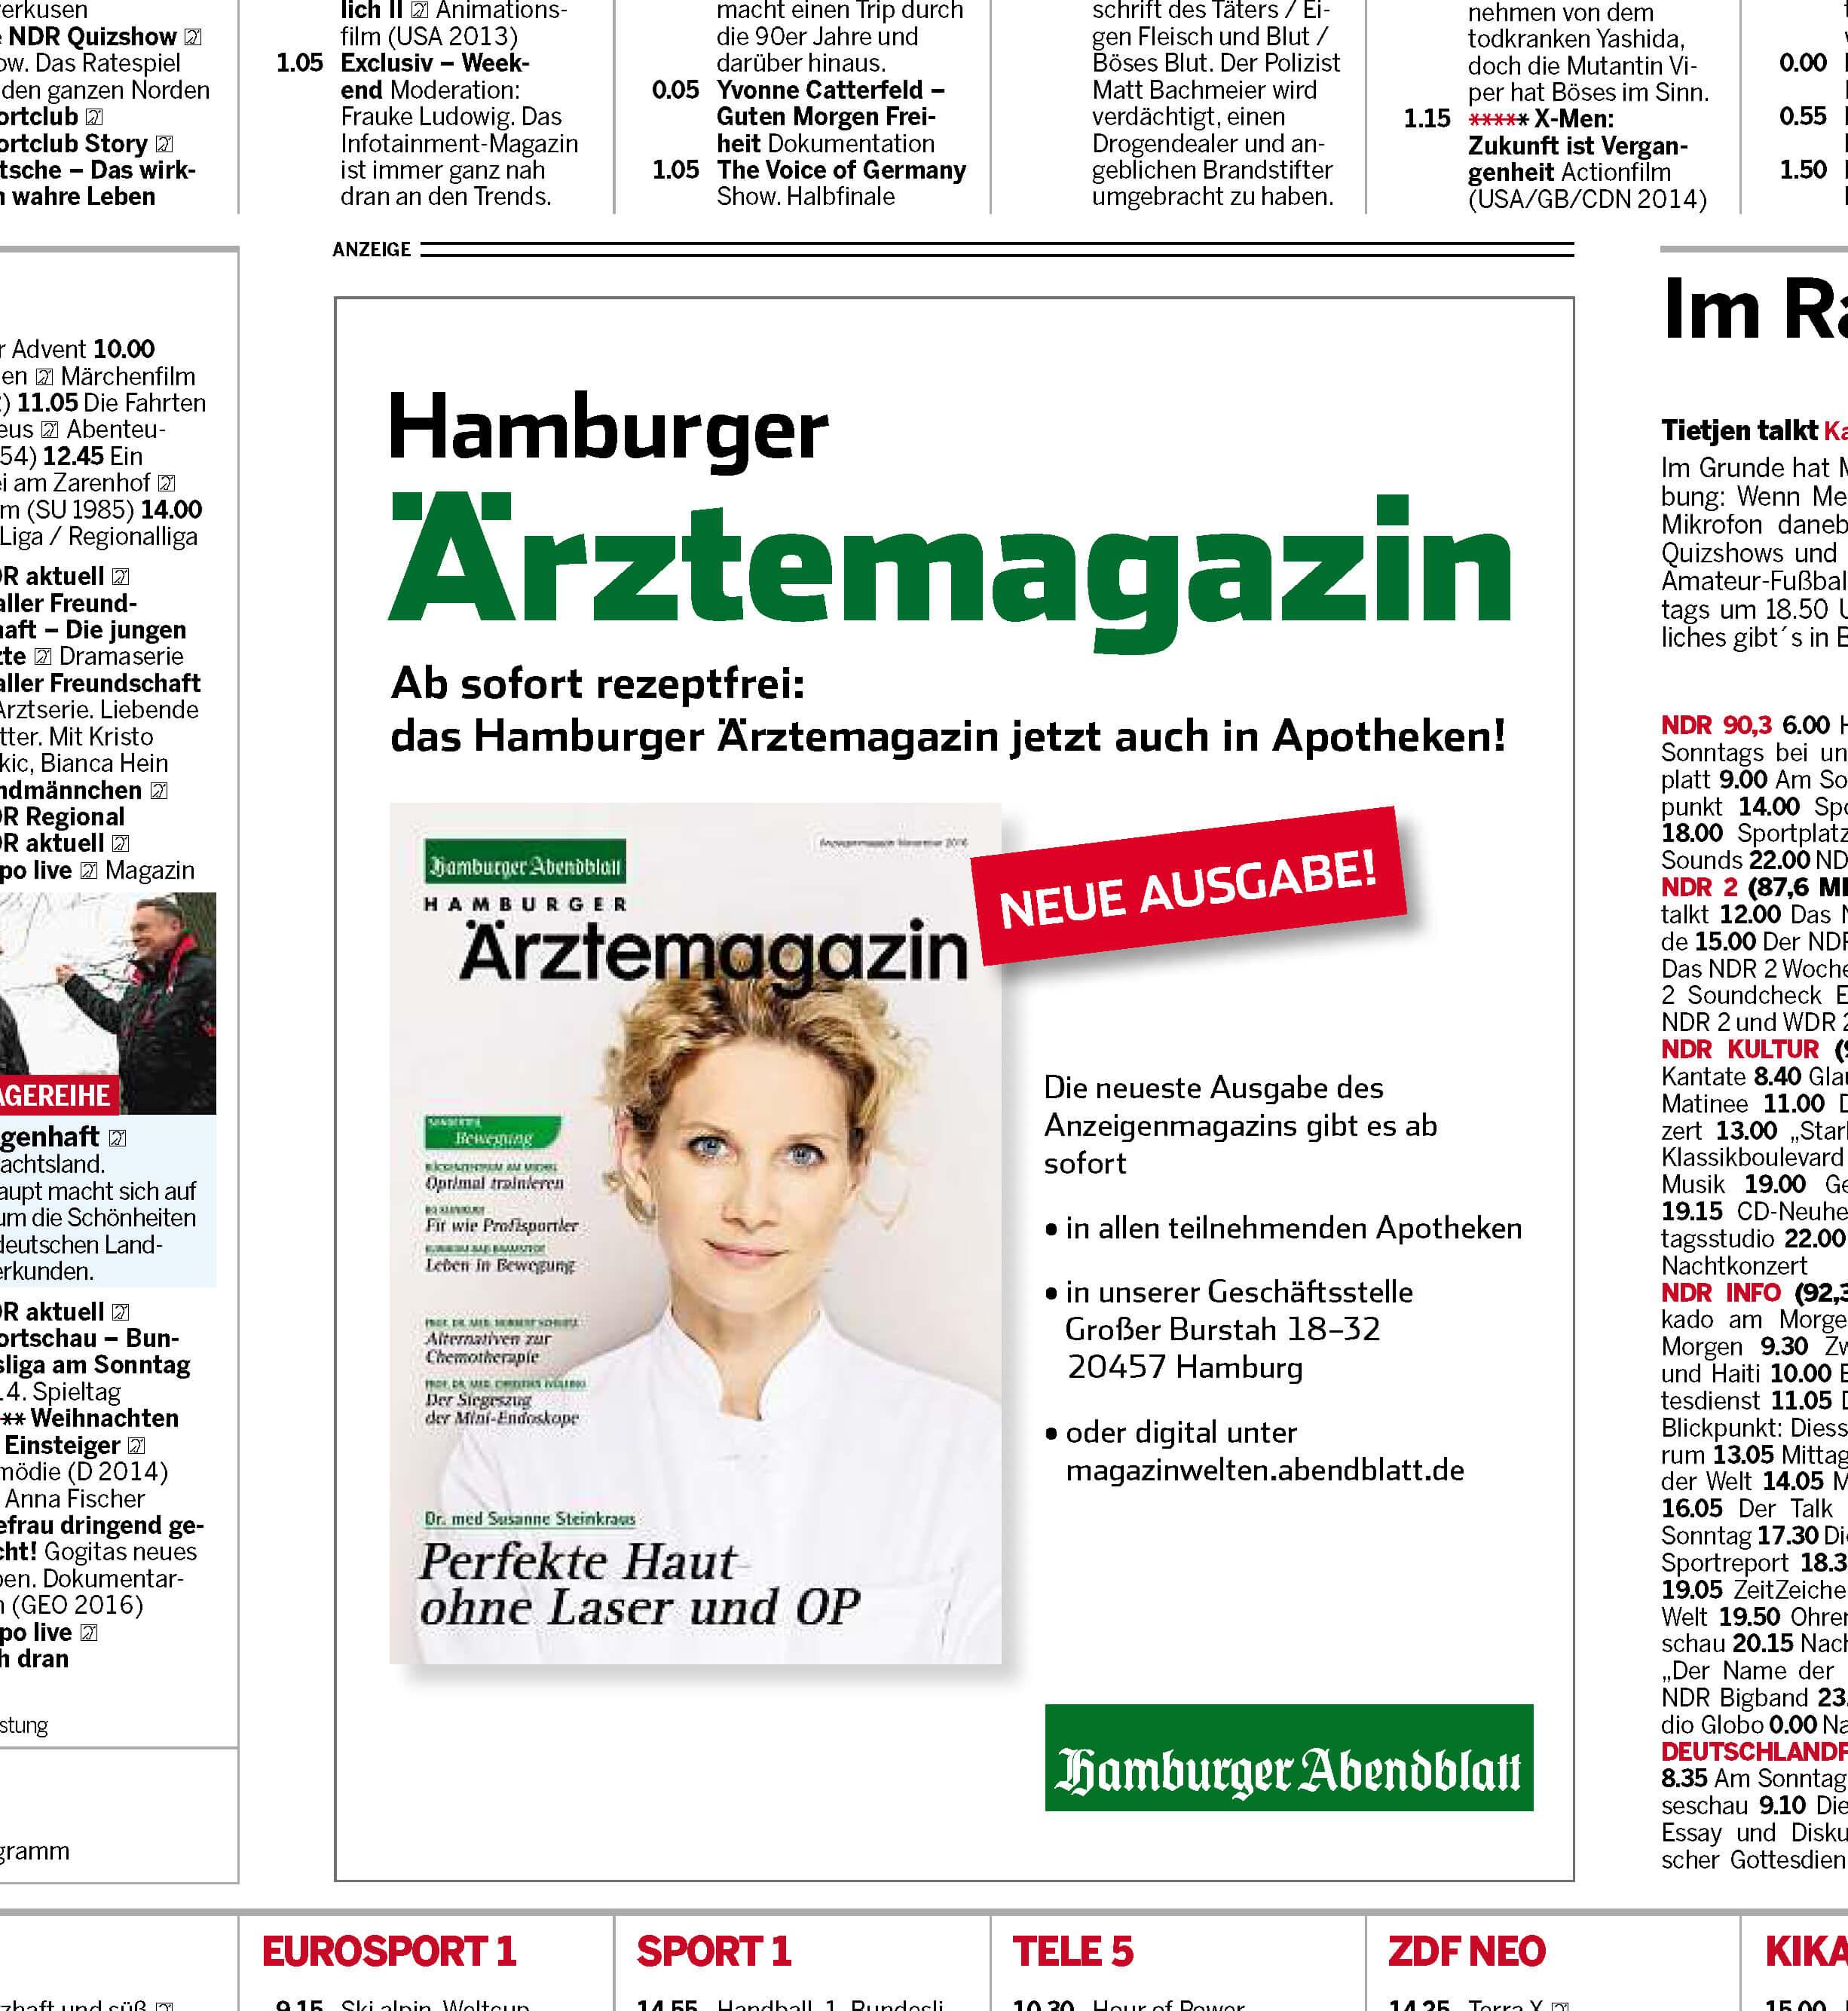 Anzeige zum Hamburger Ärztemagazin im Abendblatt